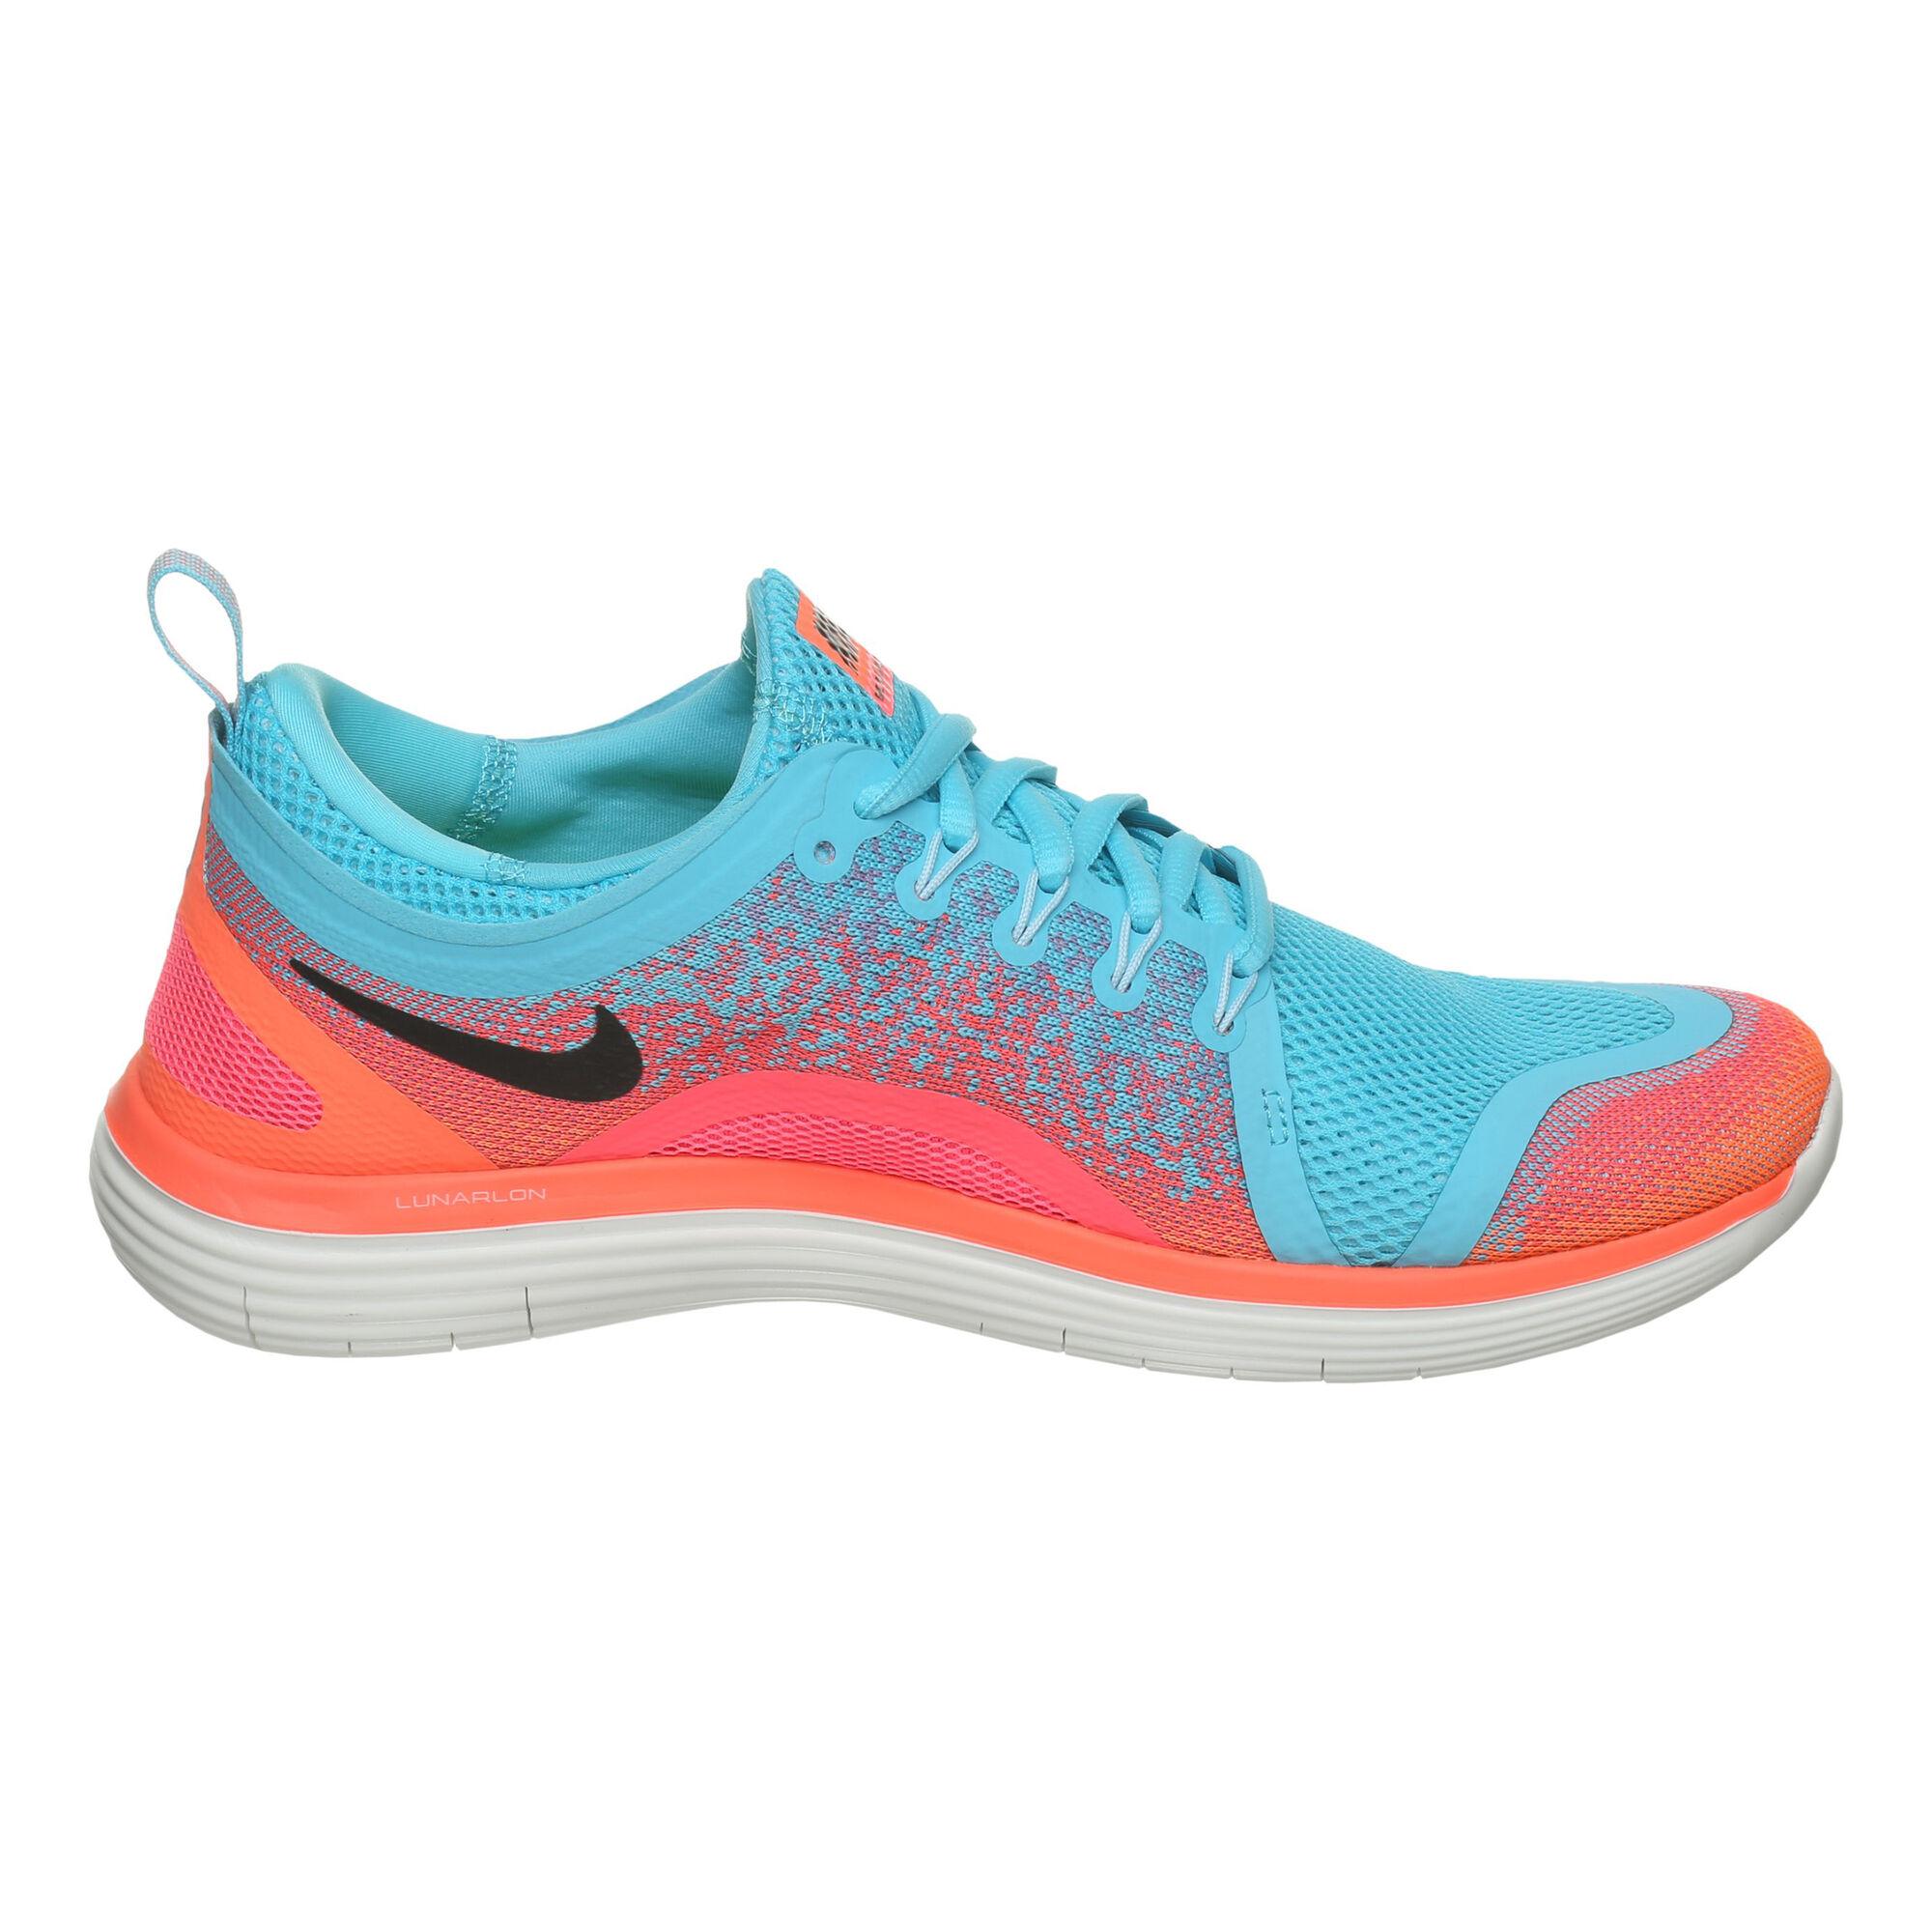 san francisco 6ac5e 5ca8b Nike · Nike · Nike · Nike · Nike · Nike · Nike · Nike · Nike · Nike. Free  Run Distance 2 Women ...